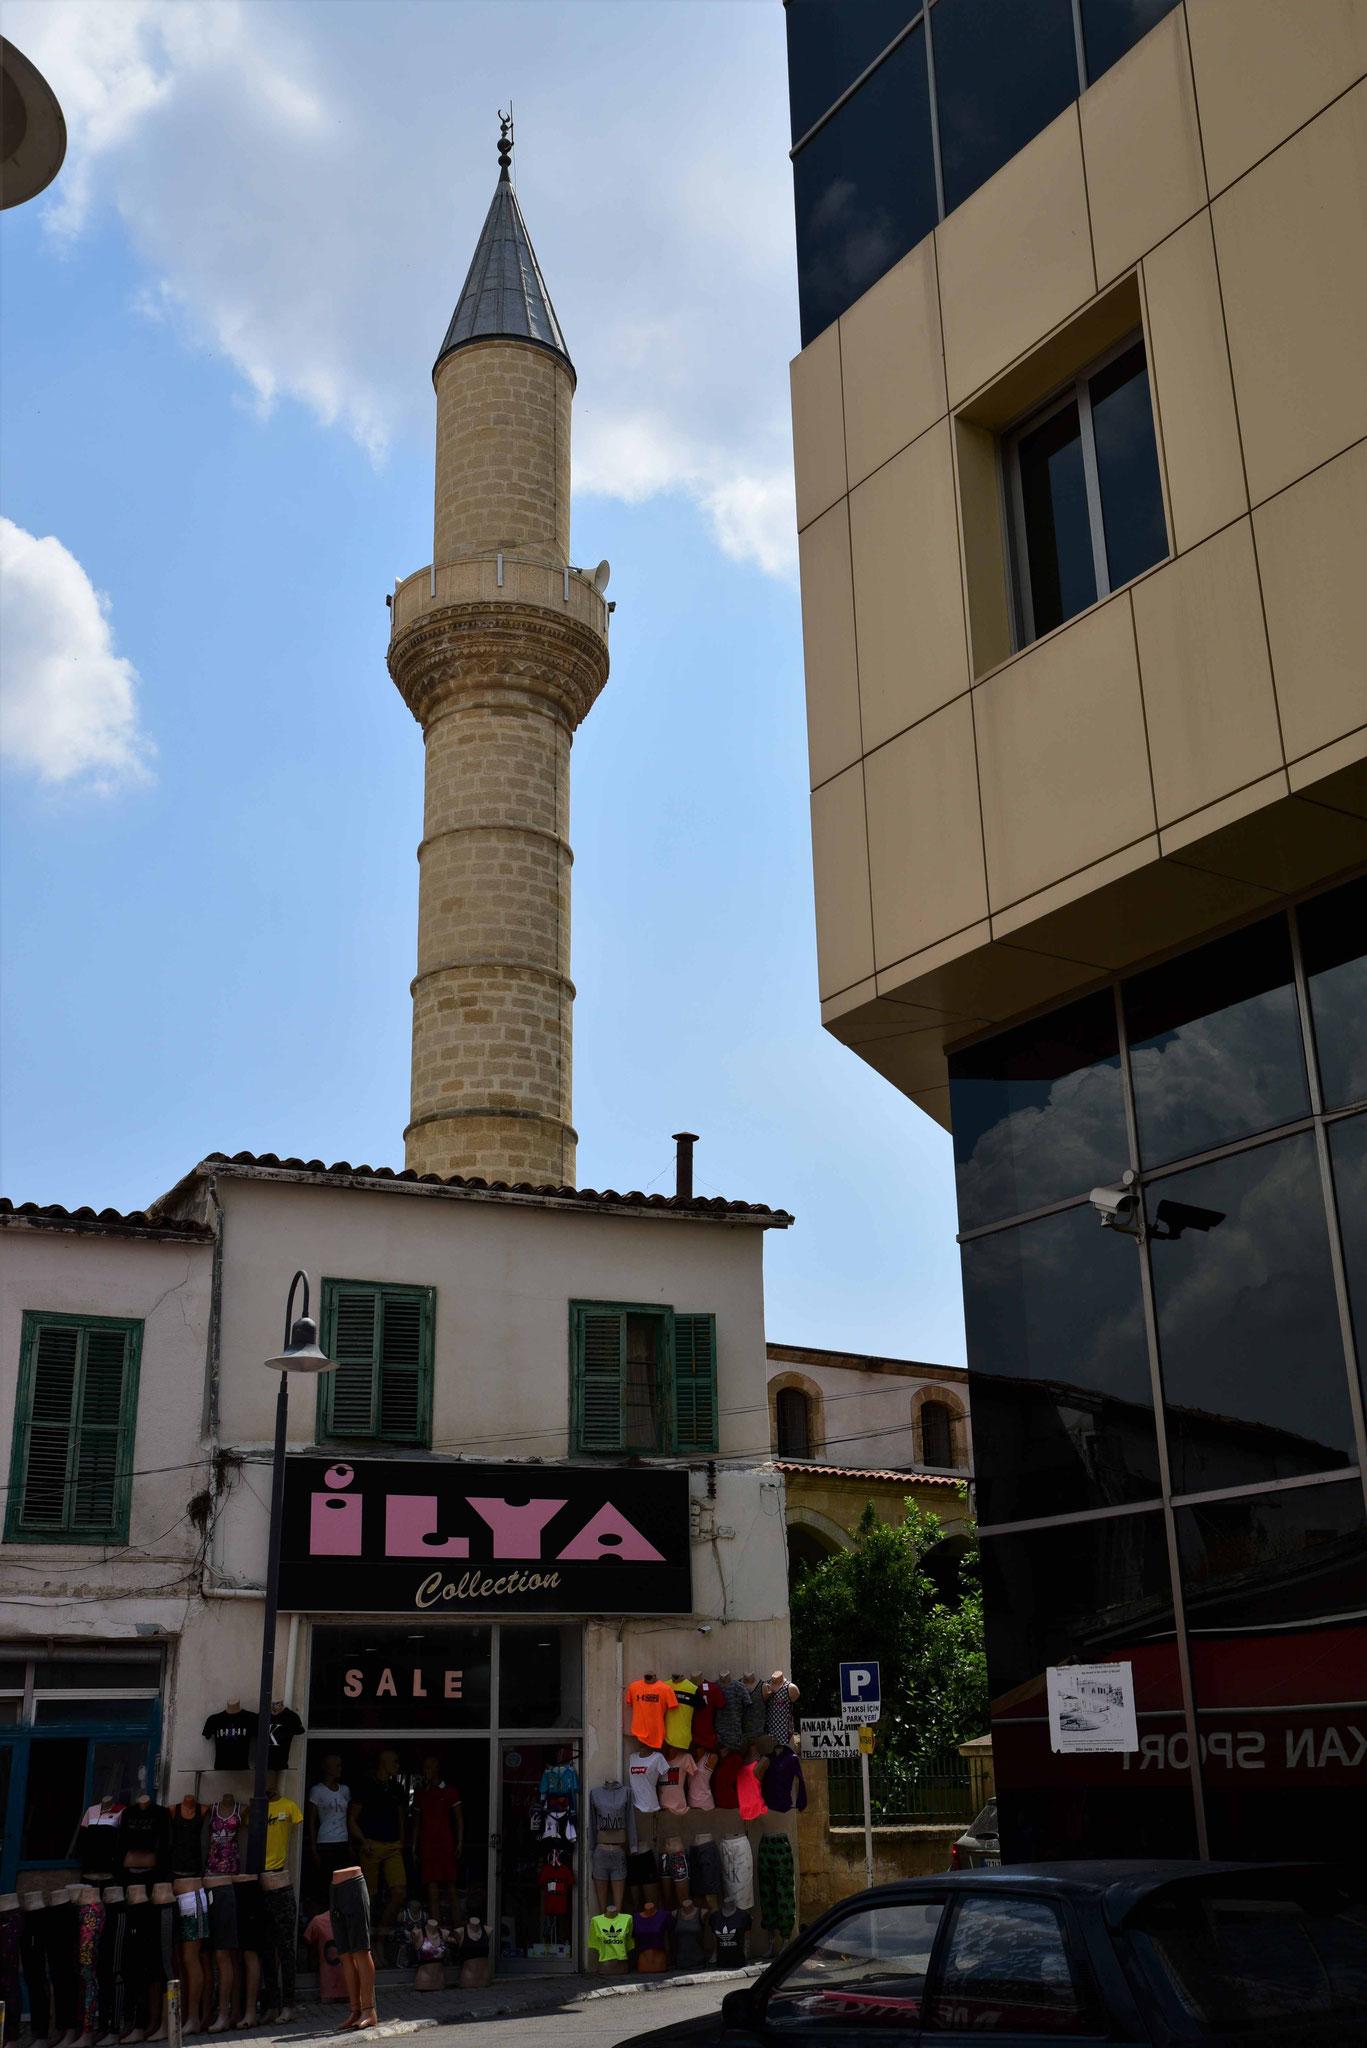 Im hintergrund häufiger ein Minarett